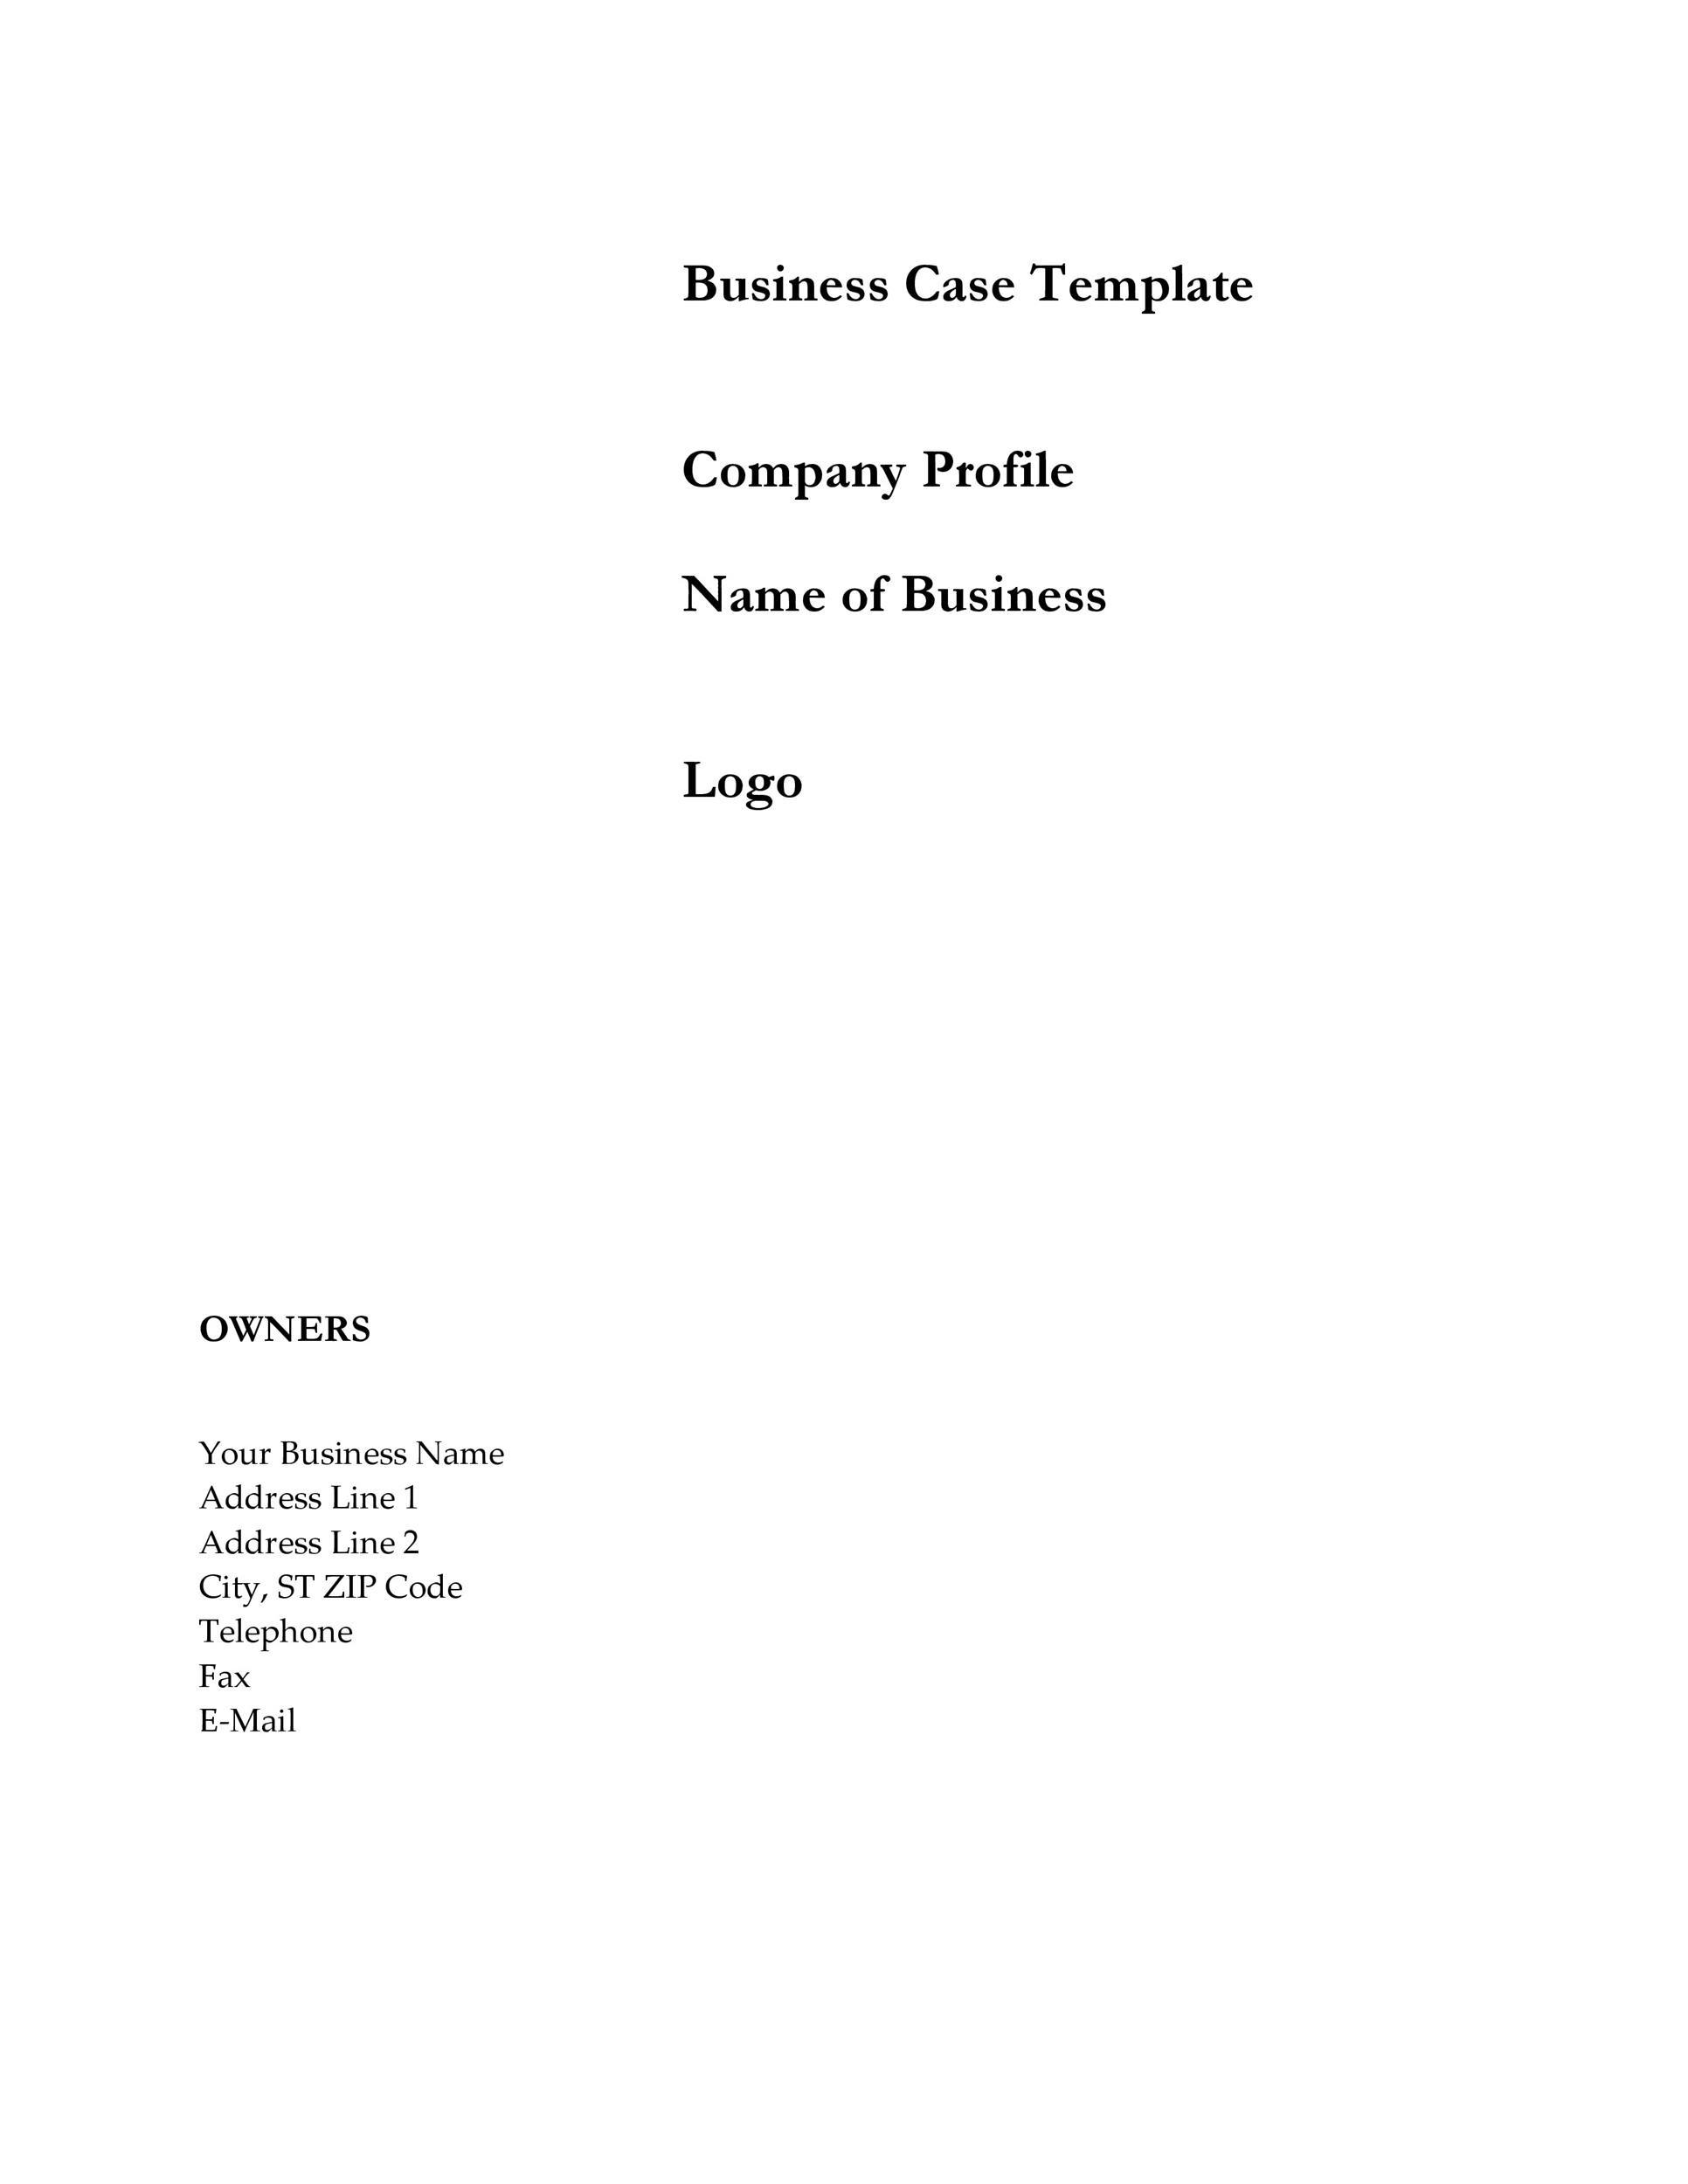 Business company profile template getjobcsatco – Simple Business Case Template